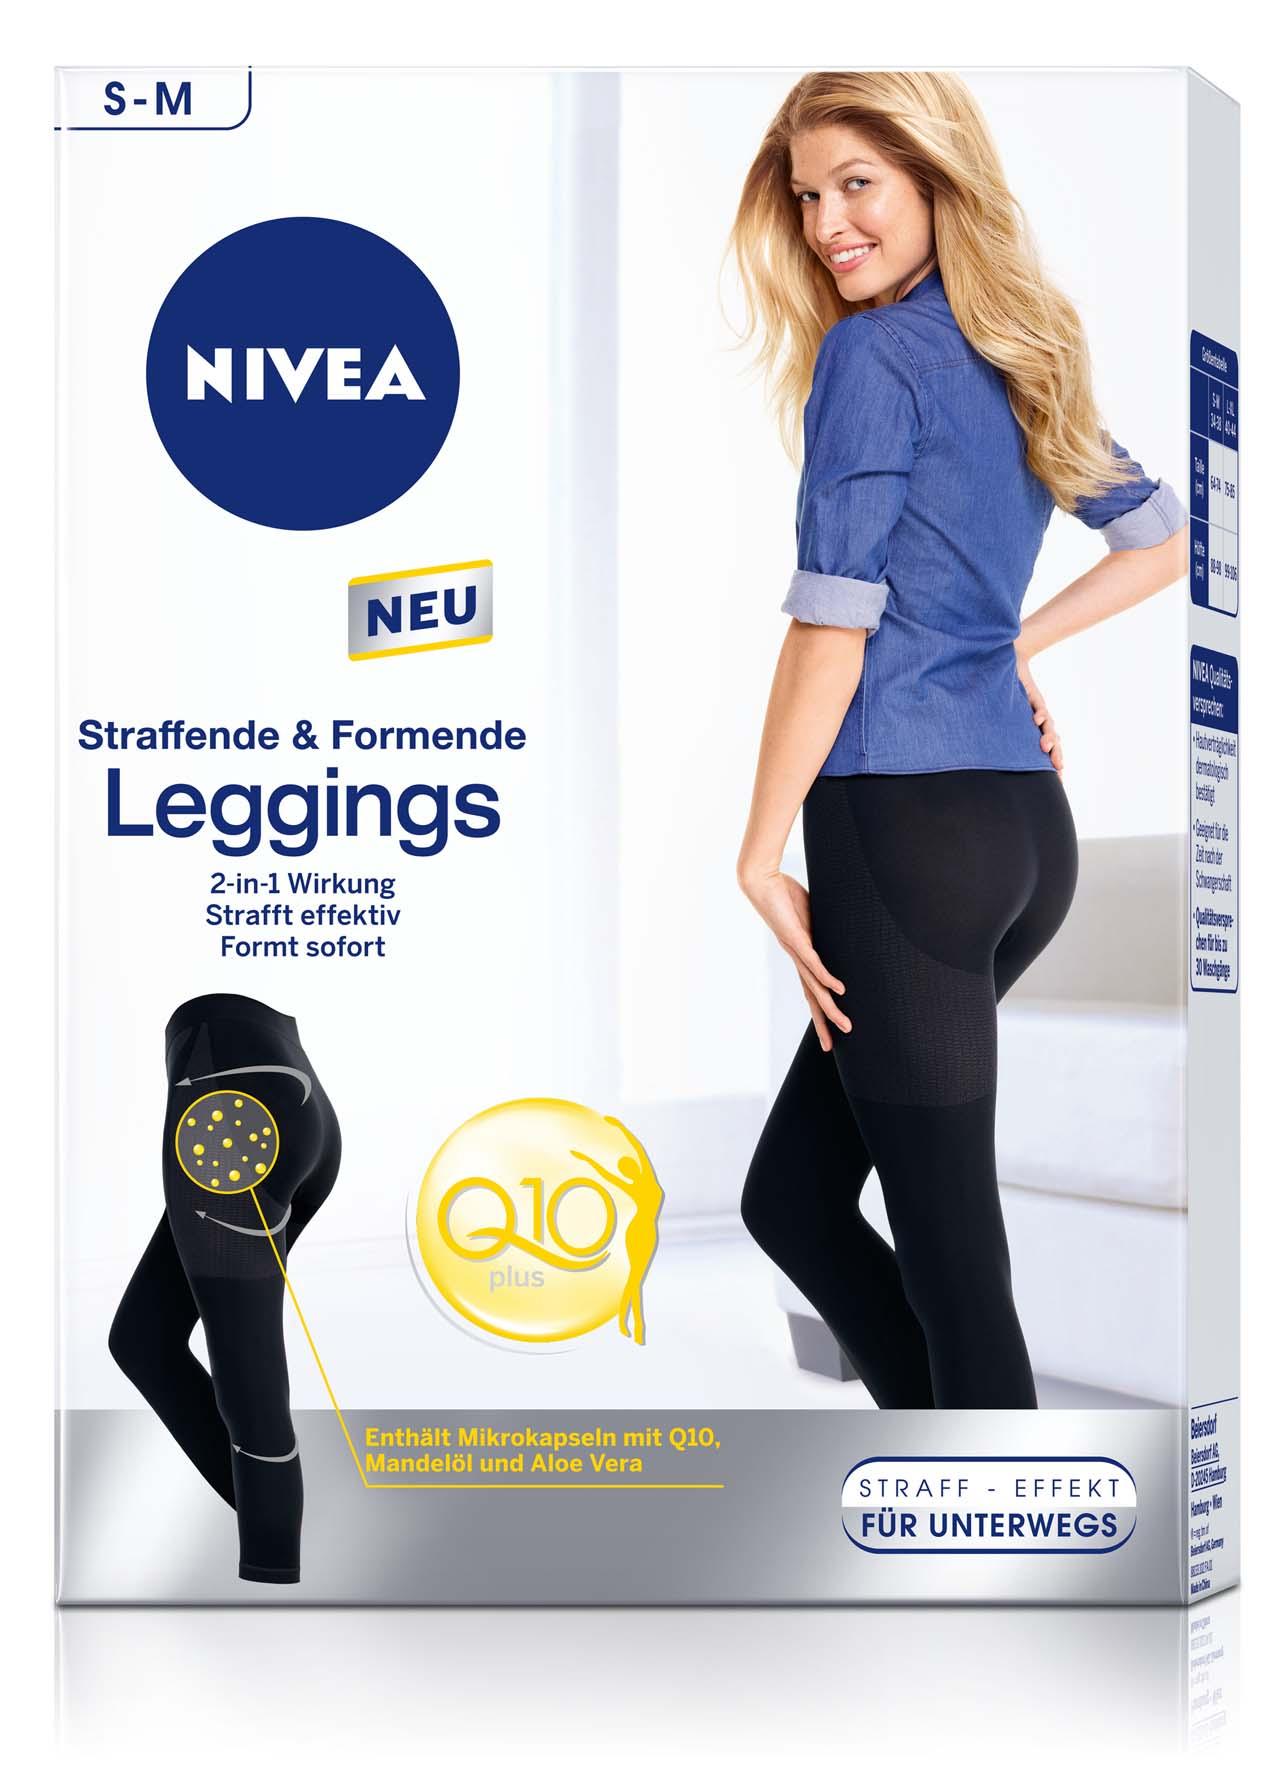 NIVEA Q10 Straffende & Formende Leggings